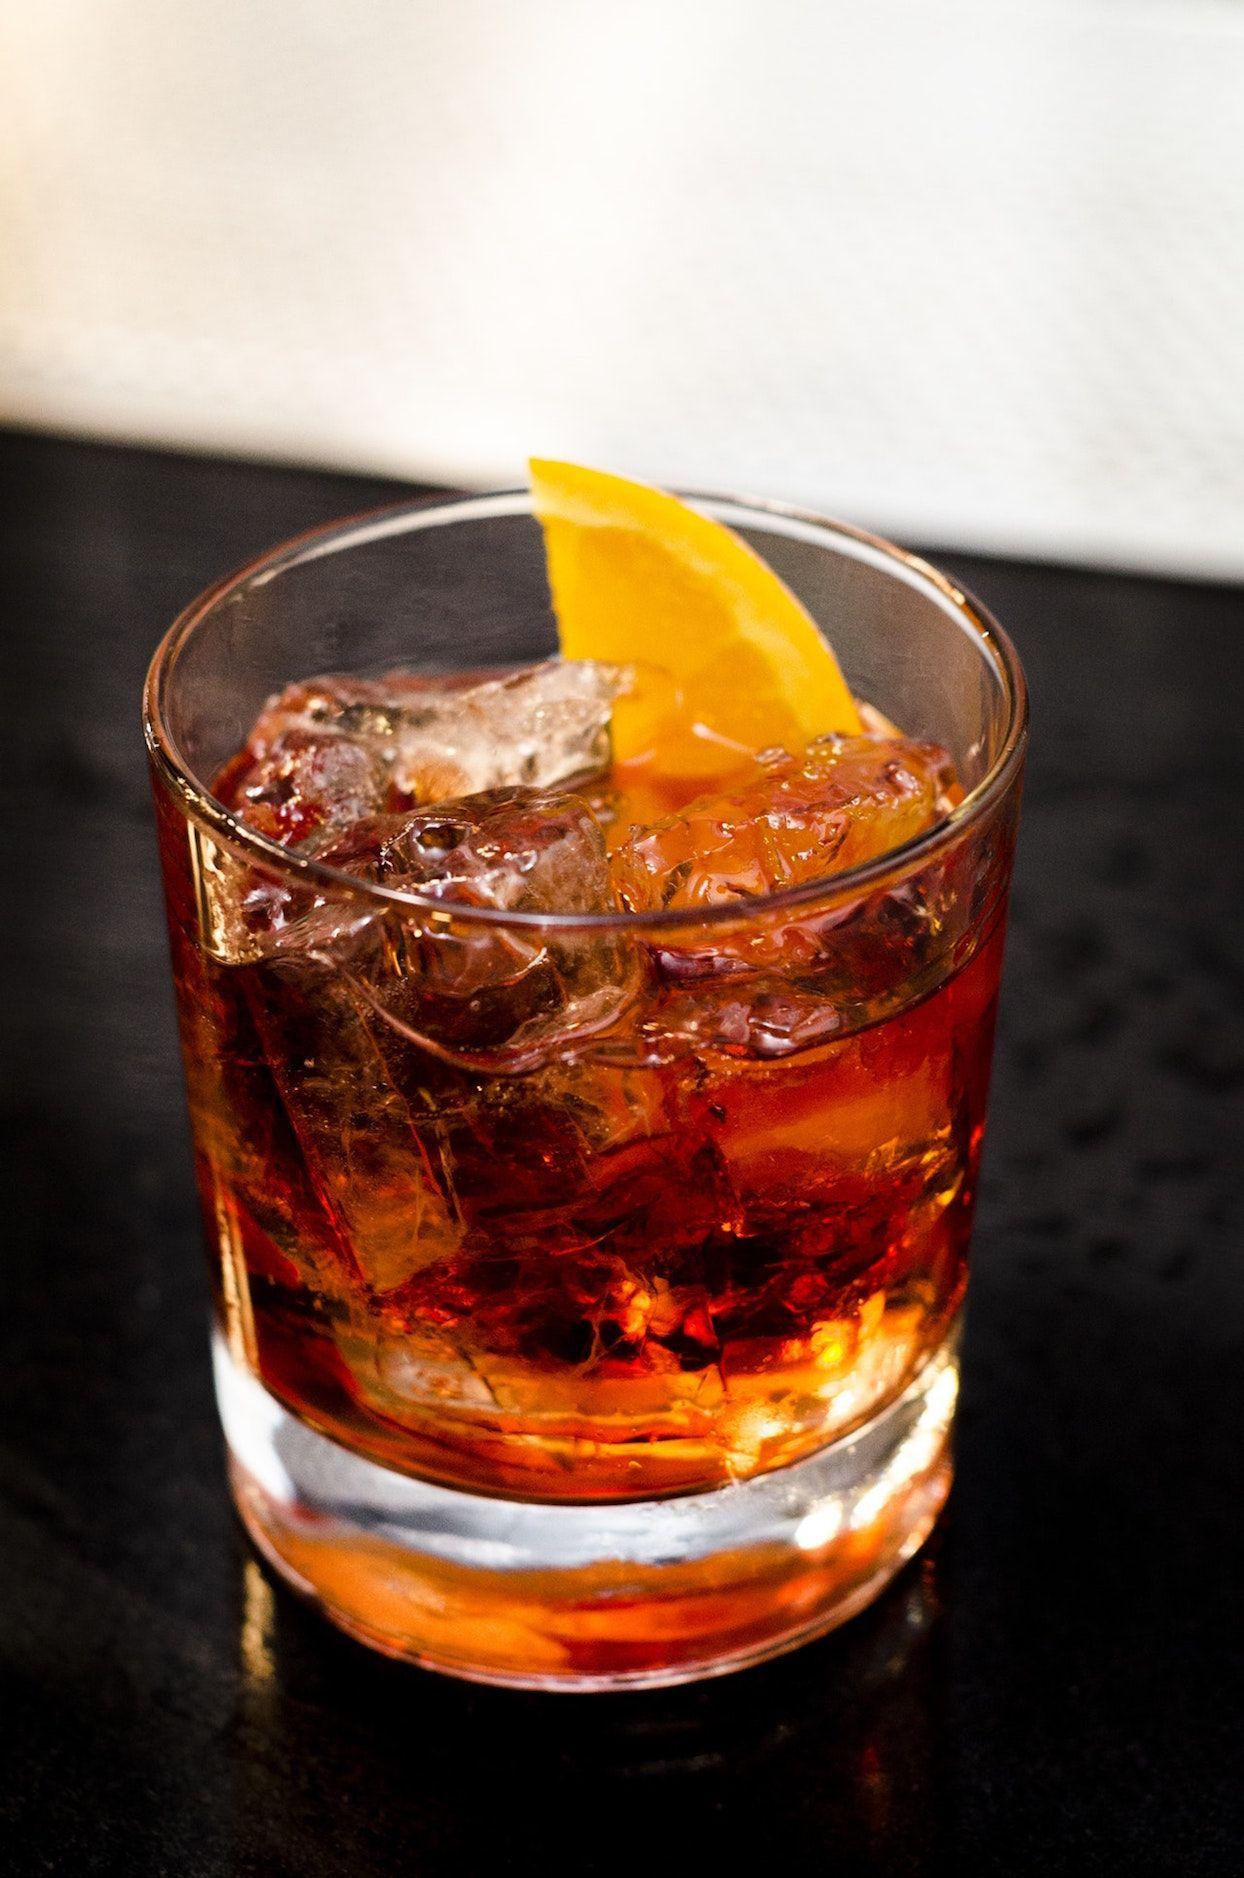 9 Best Bars In The World To Drink Cognac Cognac Expert Cognac Cocktail Cognac Drinks Fun Cocktails